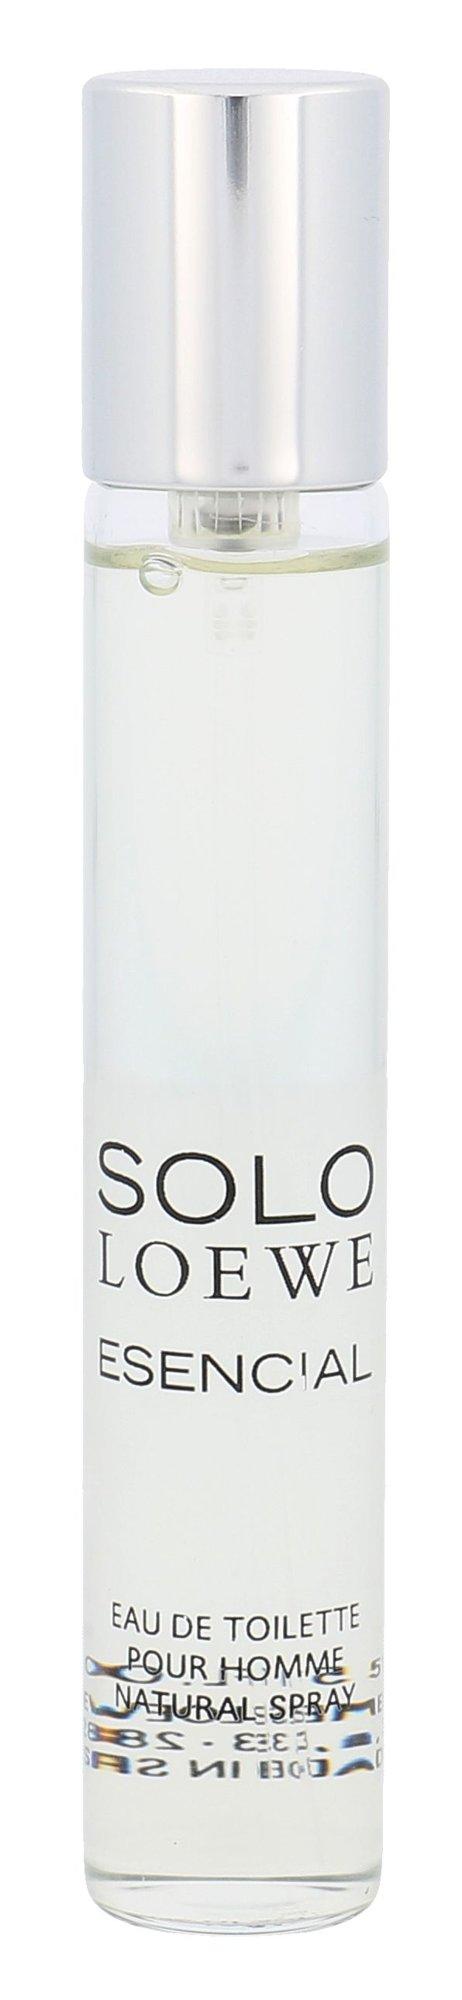 Loewe Solo Loewe Esencial EDT 15ml